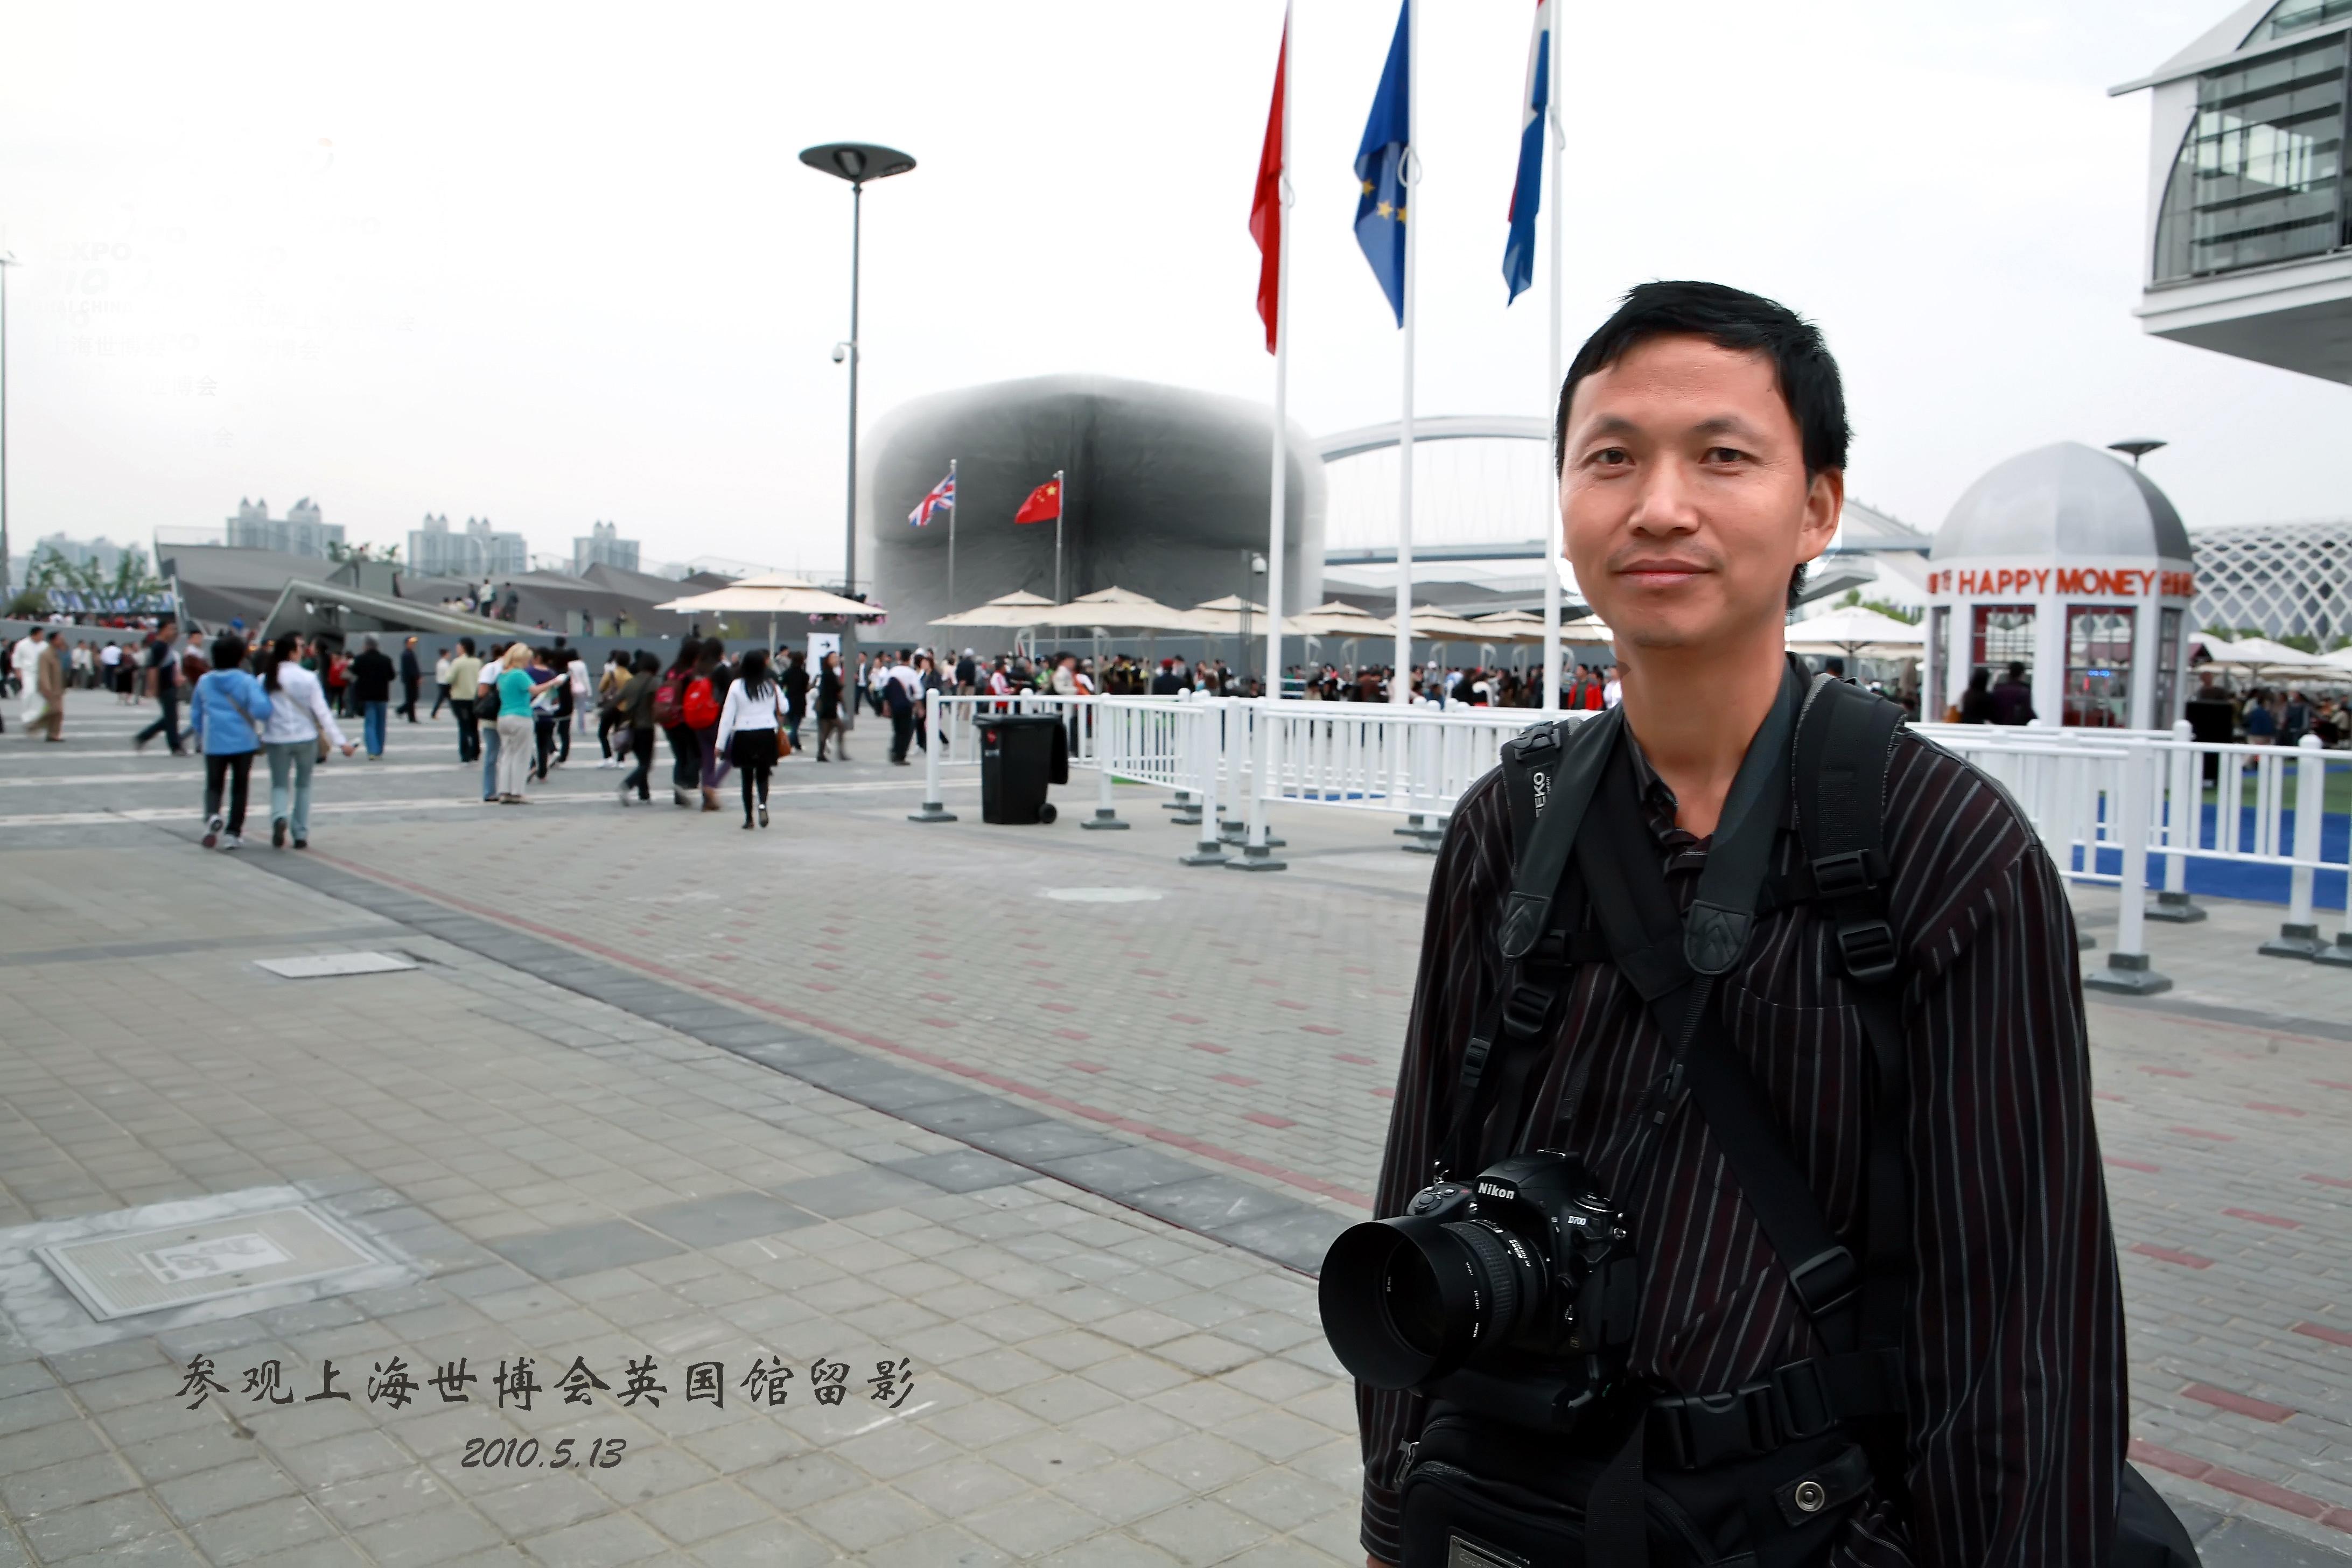 妈湾电力有限企业刘永红先进事迹